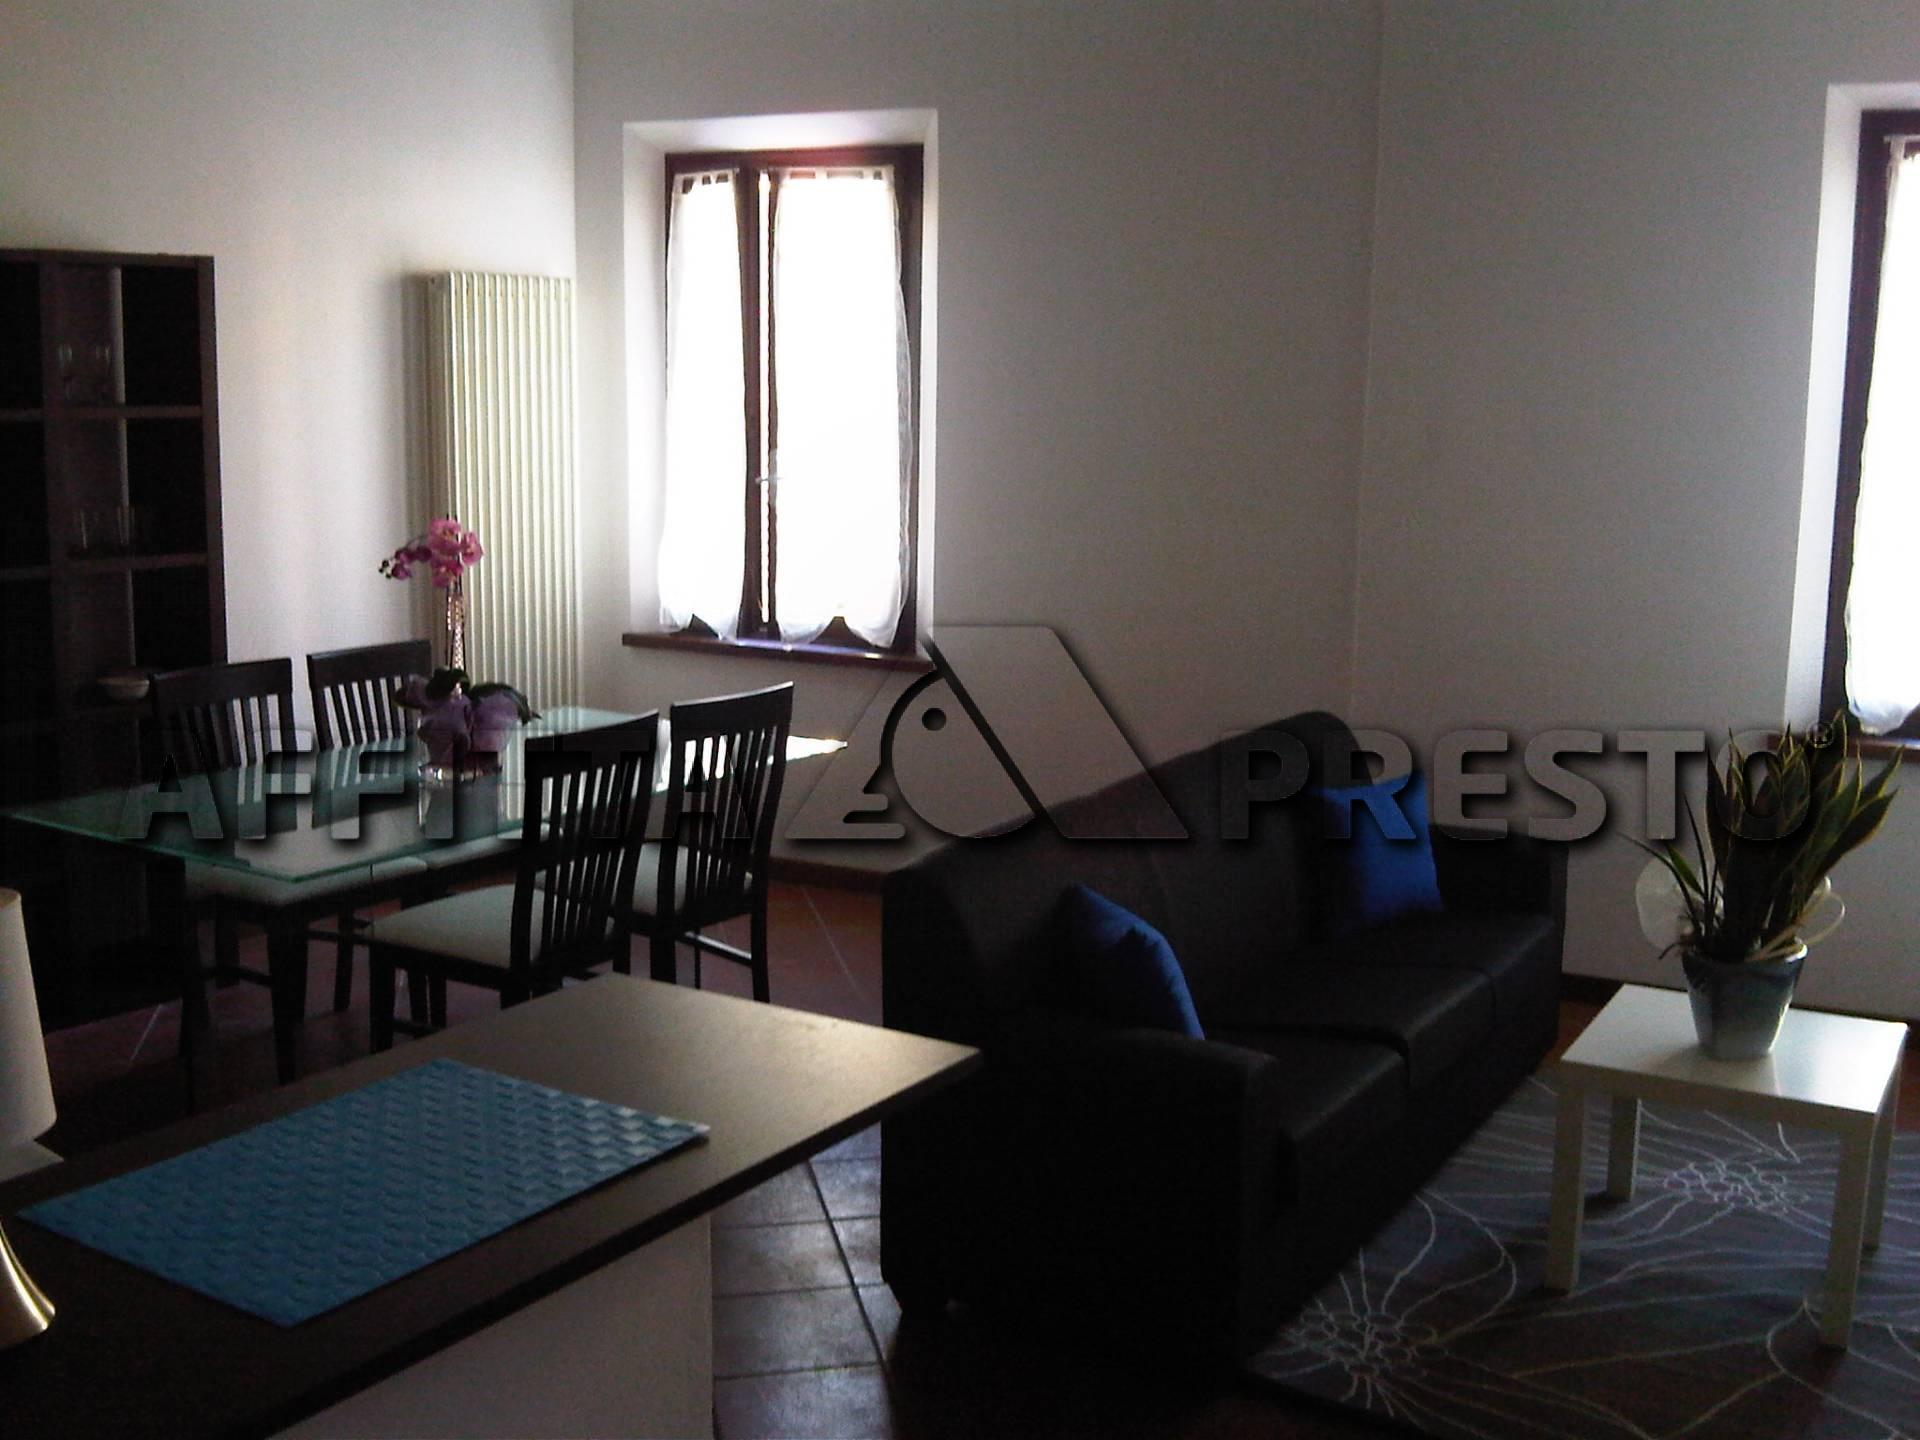 Appartamento in affitto a Cesena, 2 locali, zona Località: CENTROSTORICO, prezzo € 550 | CambioCasa.it